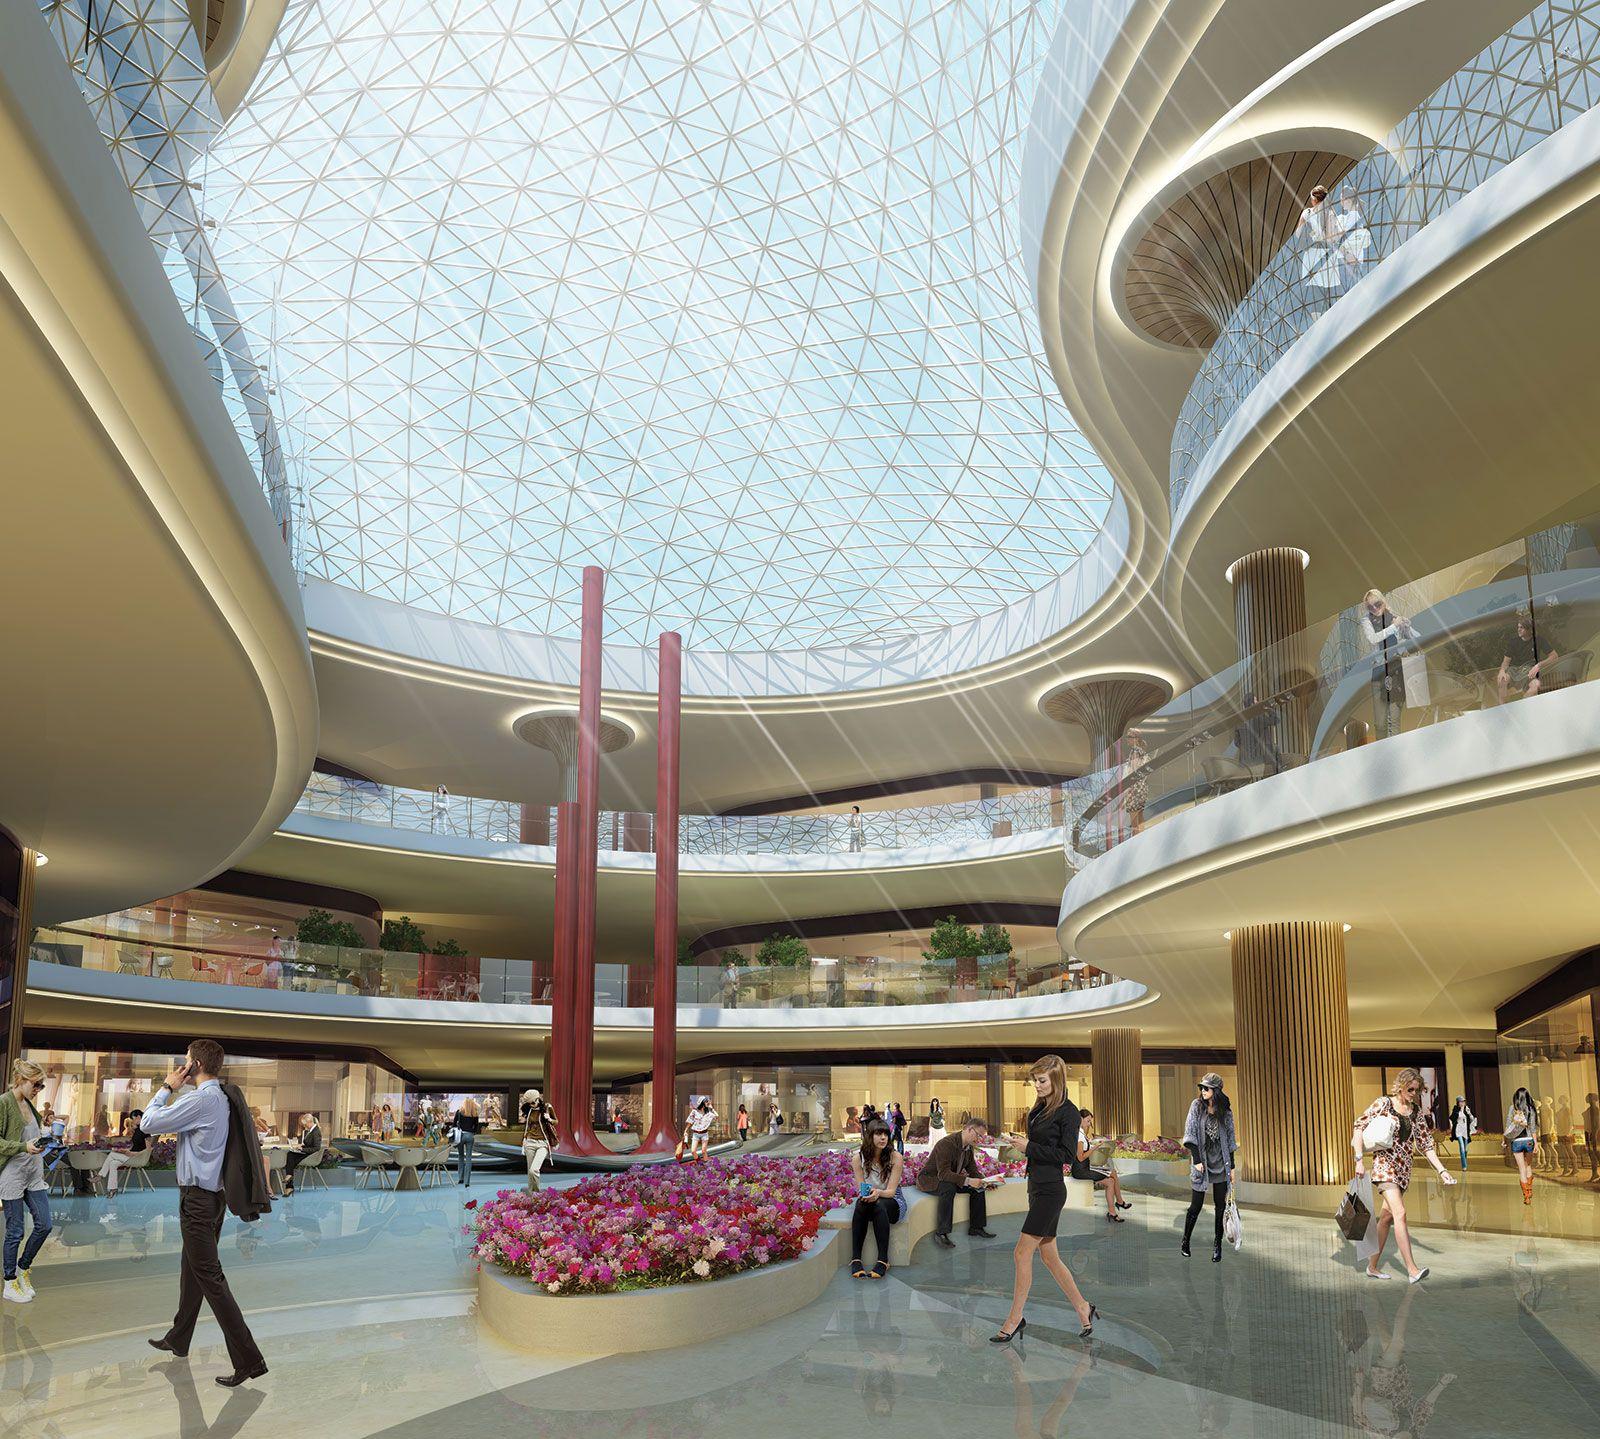 Interior Design Shopping: M & M Architecture (Markets & Malls